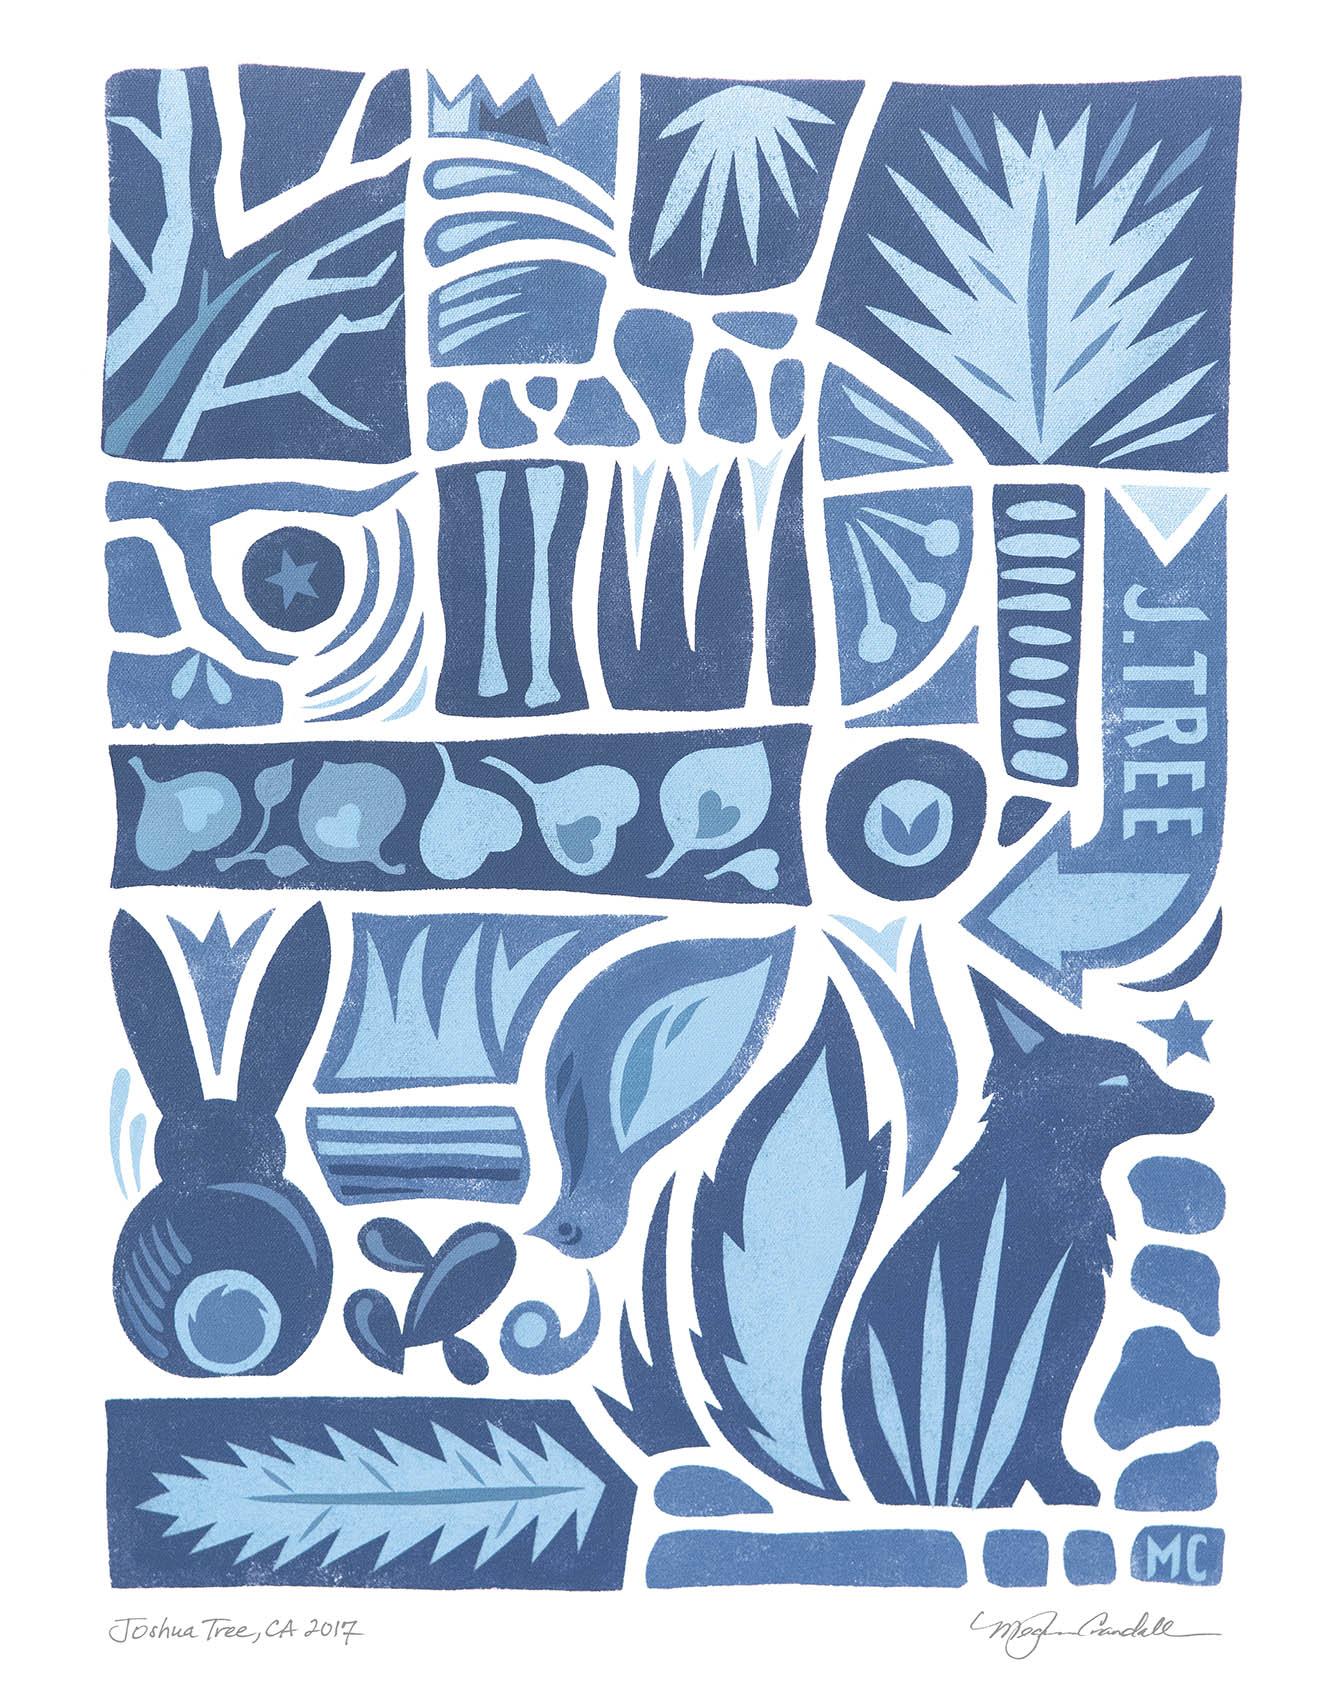 M_Crandall_Joshua Tree Pochoir Print.jpg